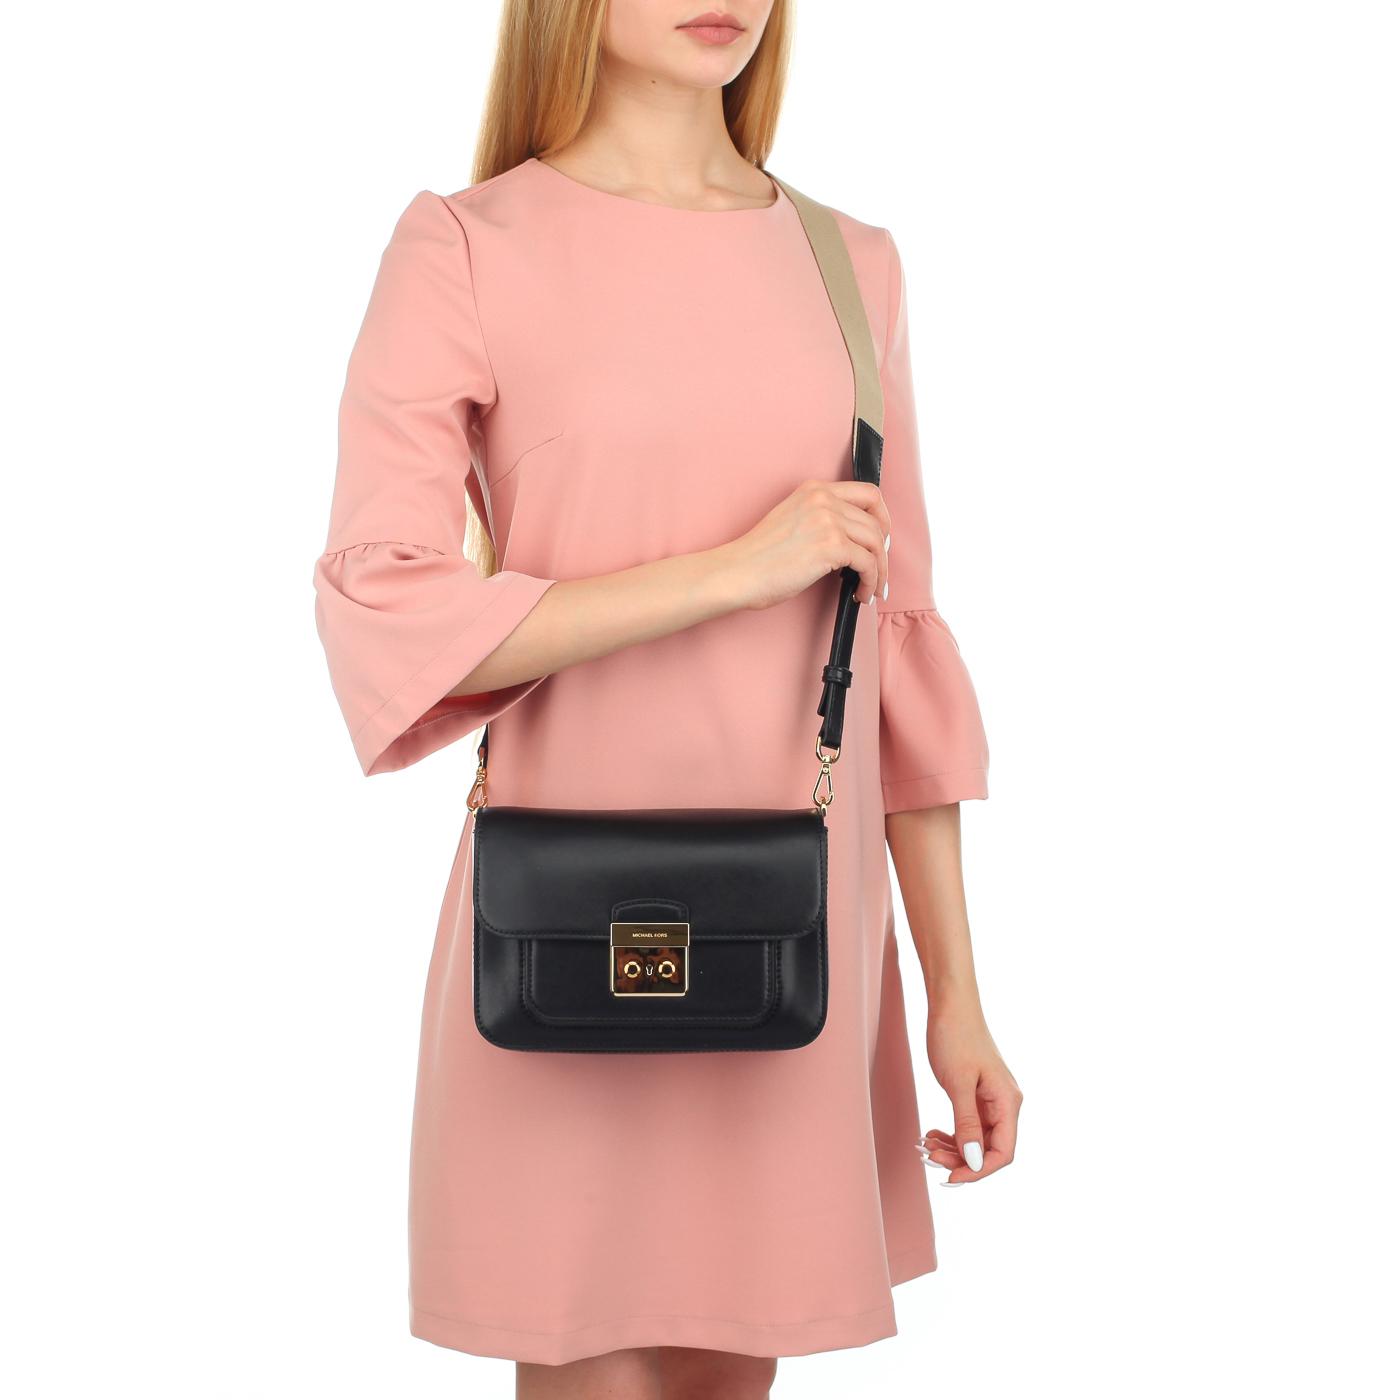 84707a75a389 ... Женская сумочка с двумя ремешками Michael Kors Sloan Editor ...